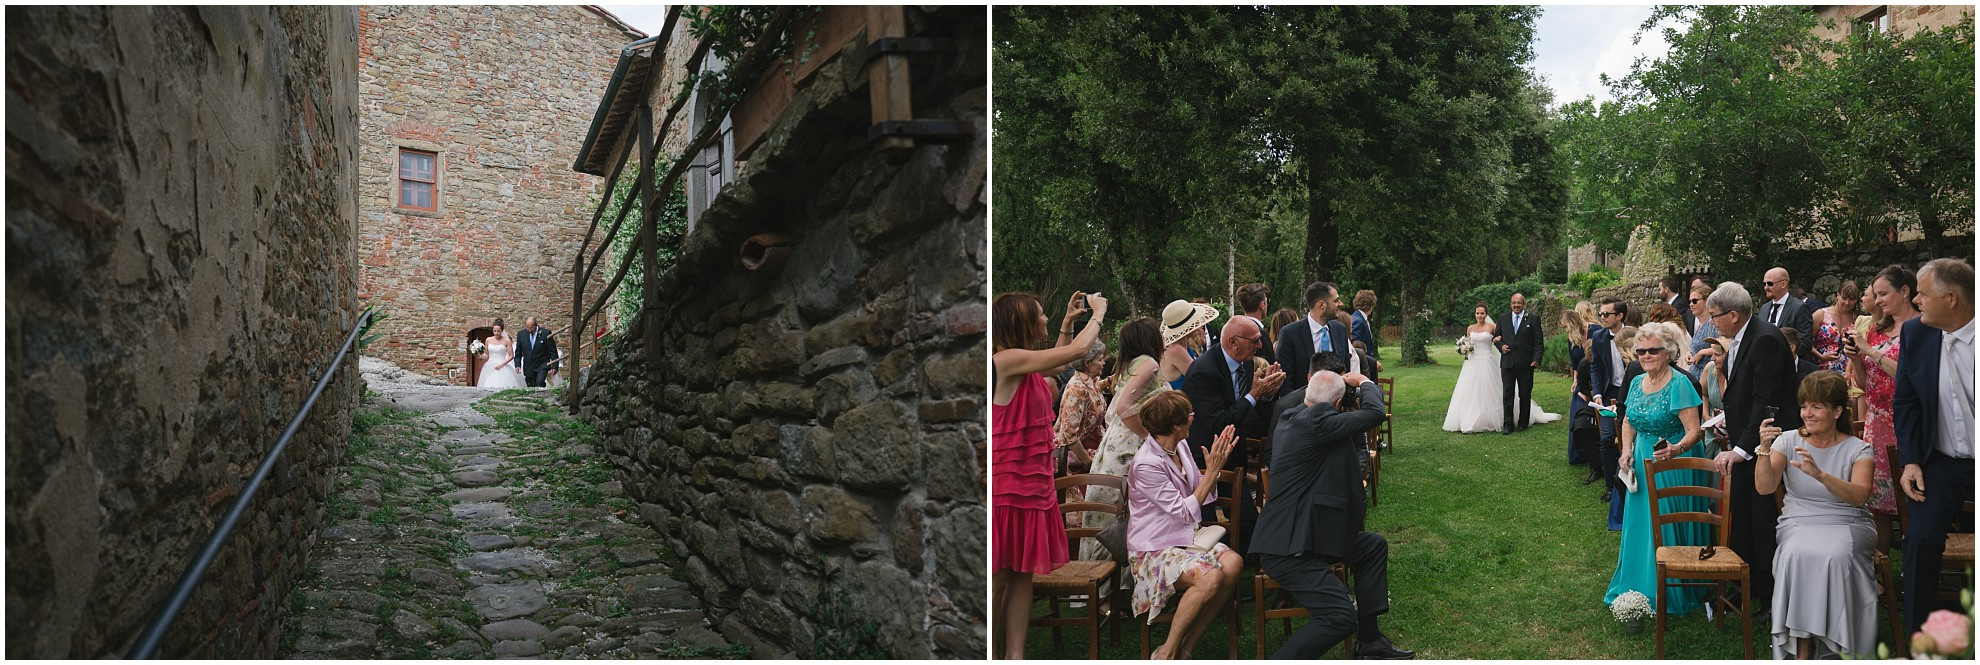 tuscany-wedding-photographer-033